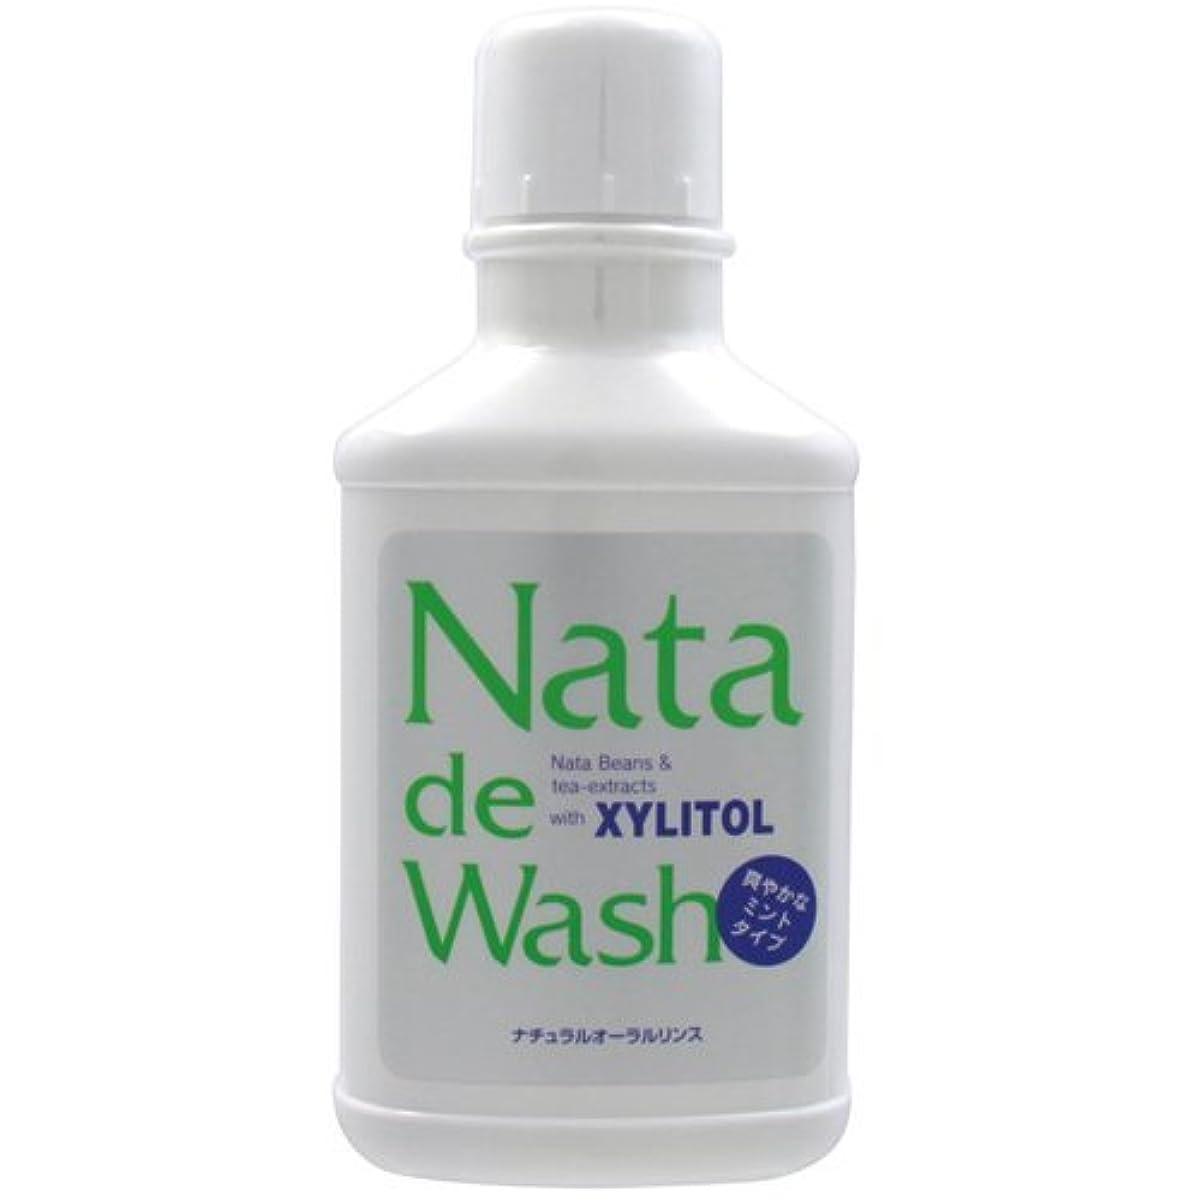 パトワ永久にビクターナタデウォッシュ 500ml 口臭予防 歯磨きの後にお勧め ナタデ ウォッシュ